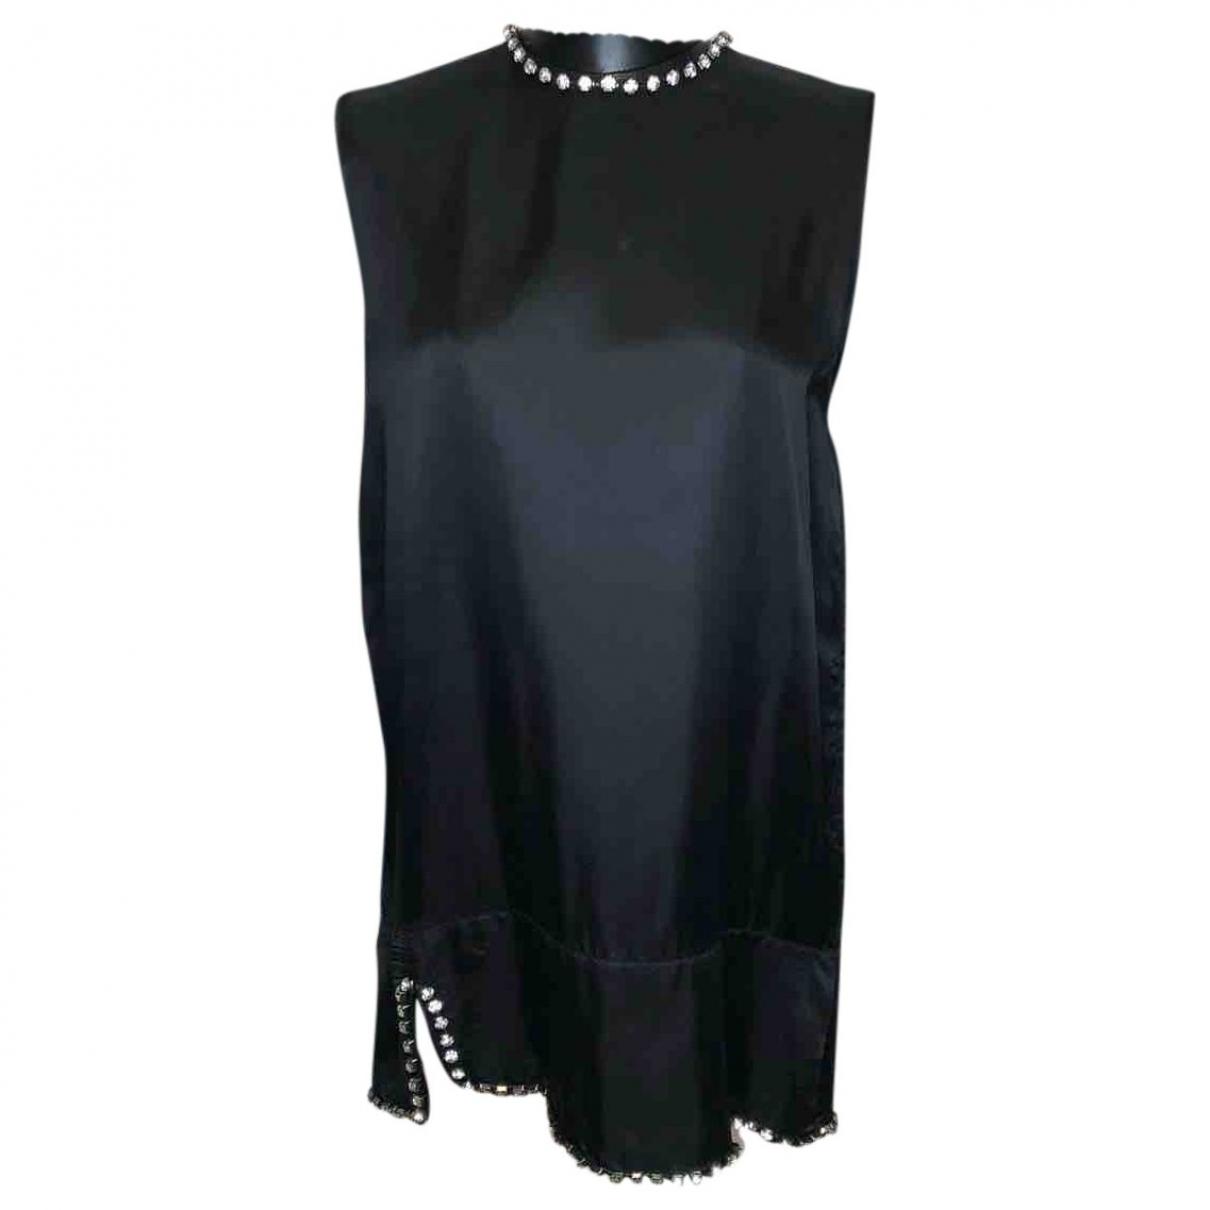 N°21 \N Black  top for Women 38 IT